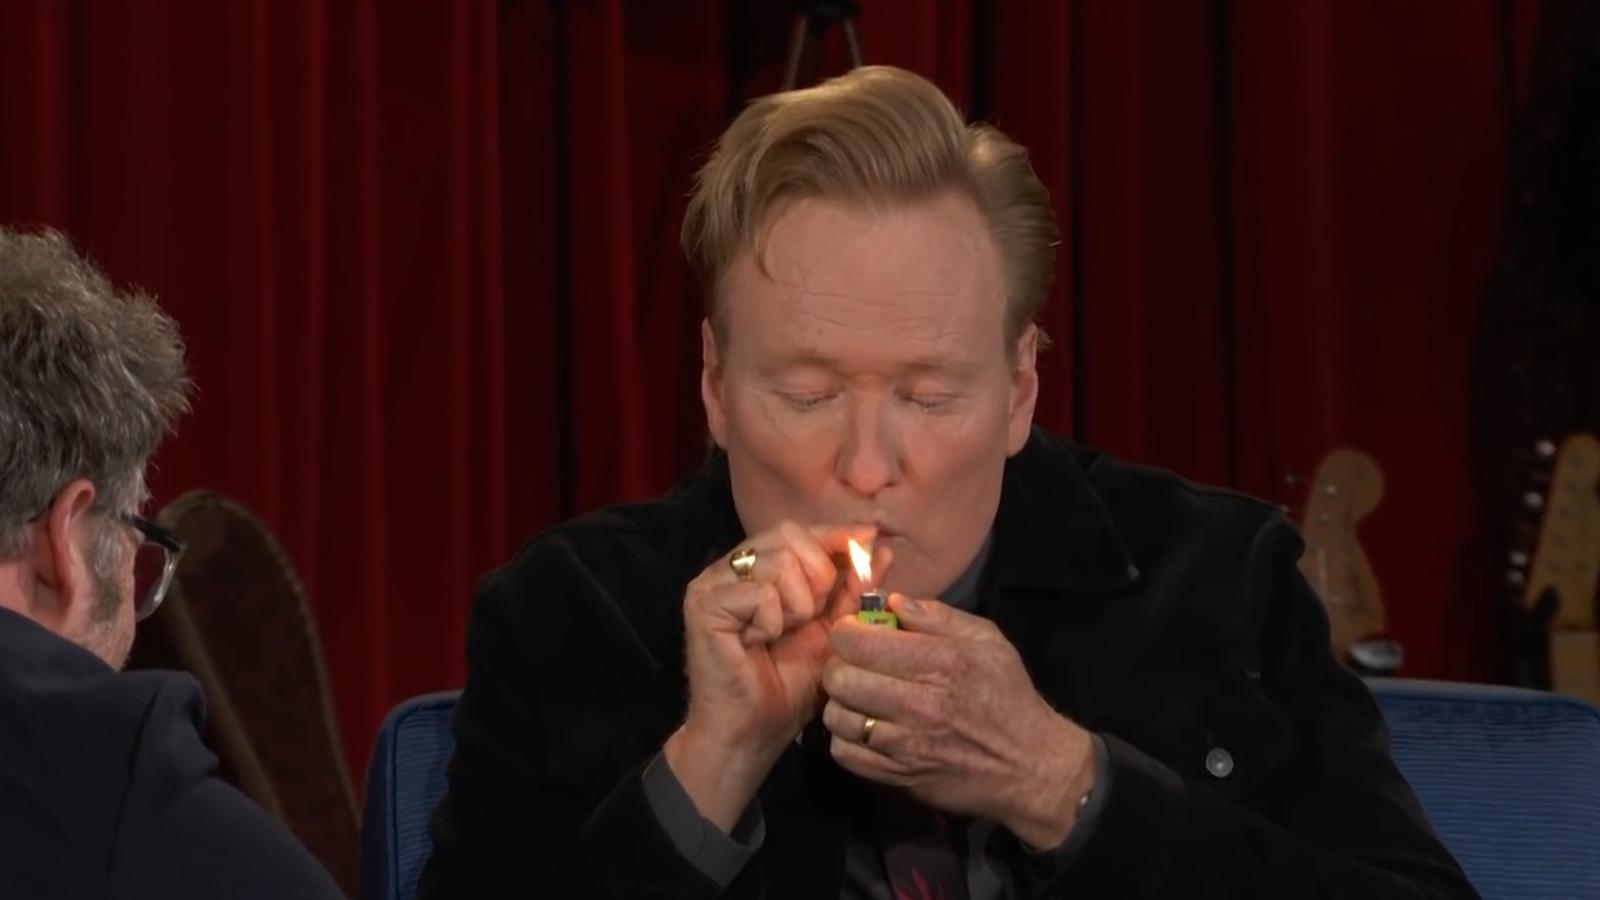 Conan O'Brien fuma marihuana ante las cámaras de televisión, después que Seth Rogen le regalara un porro